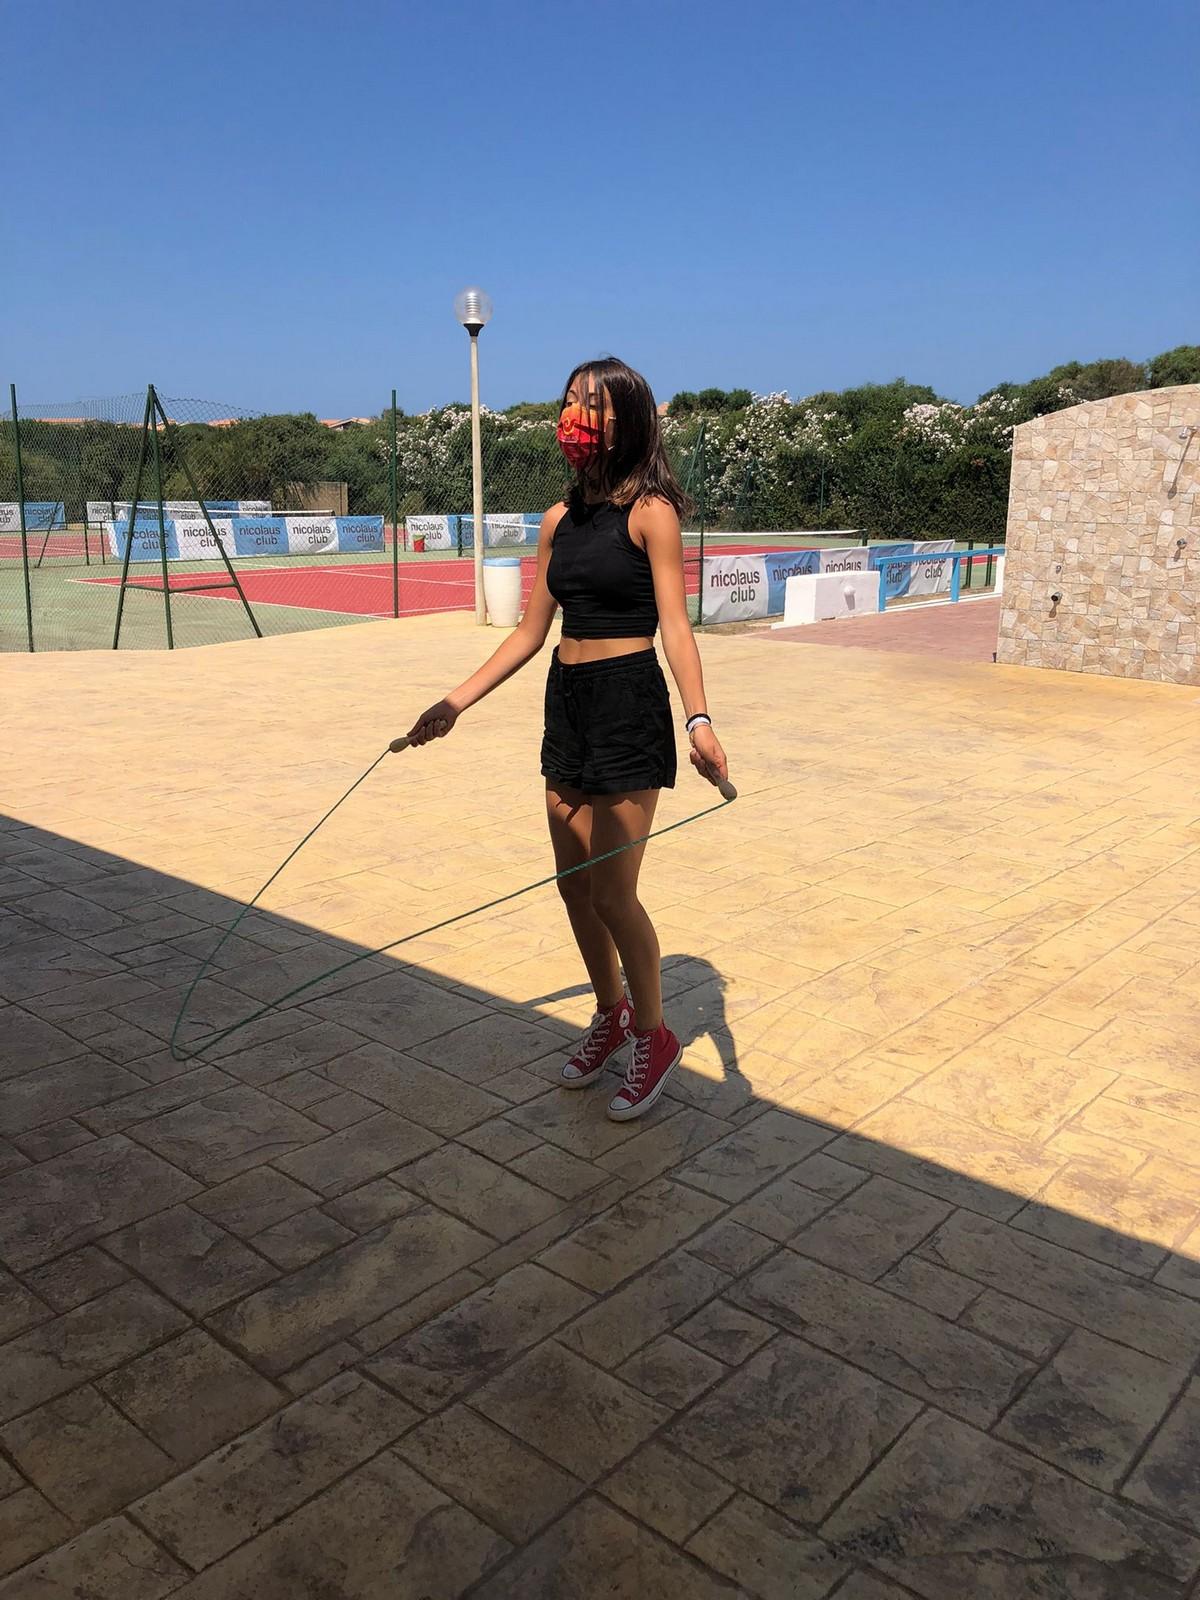 Hotel Baia delle Mimose 4**** // Il tuo camp d'inglese in Sardegna // Junior Archivi --HOTEL-BAIA-DELLE-MIMOSE-IL-TUO-CAMP-DI-INGLESE-IN-SARDEGNA-2-TURNO-19-7-2021_5